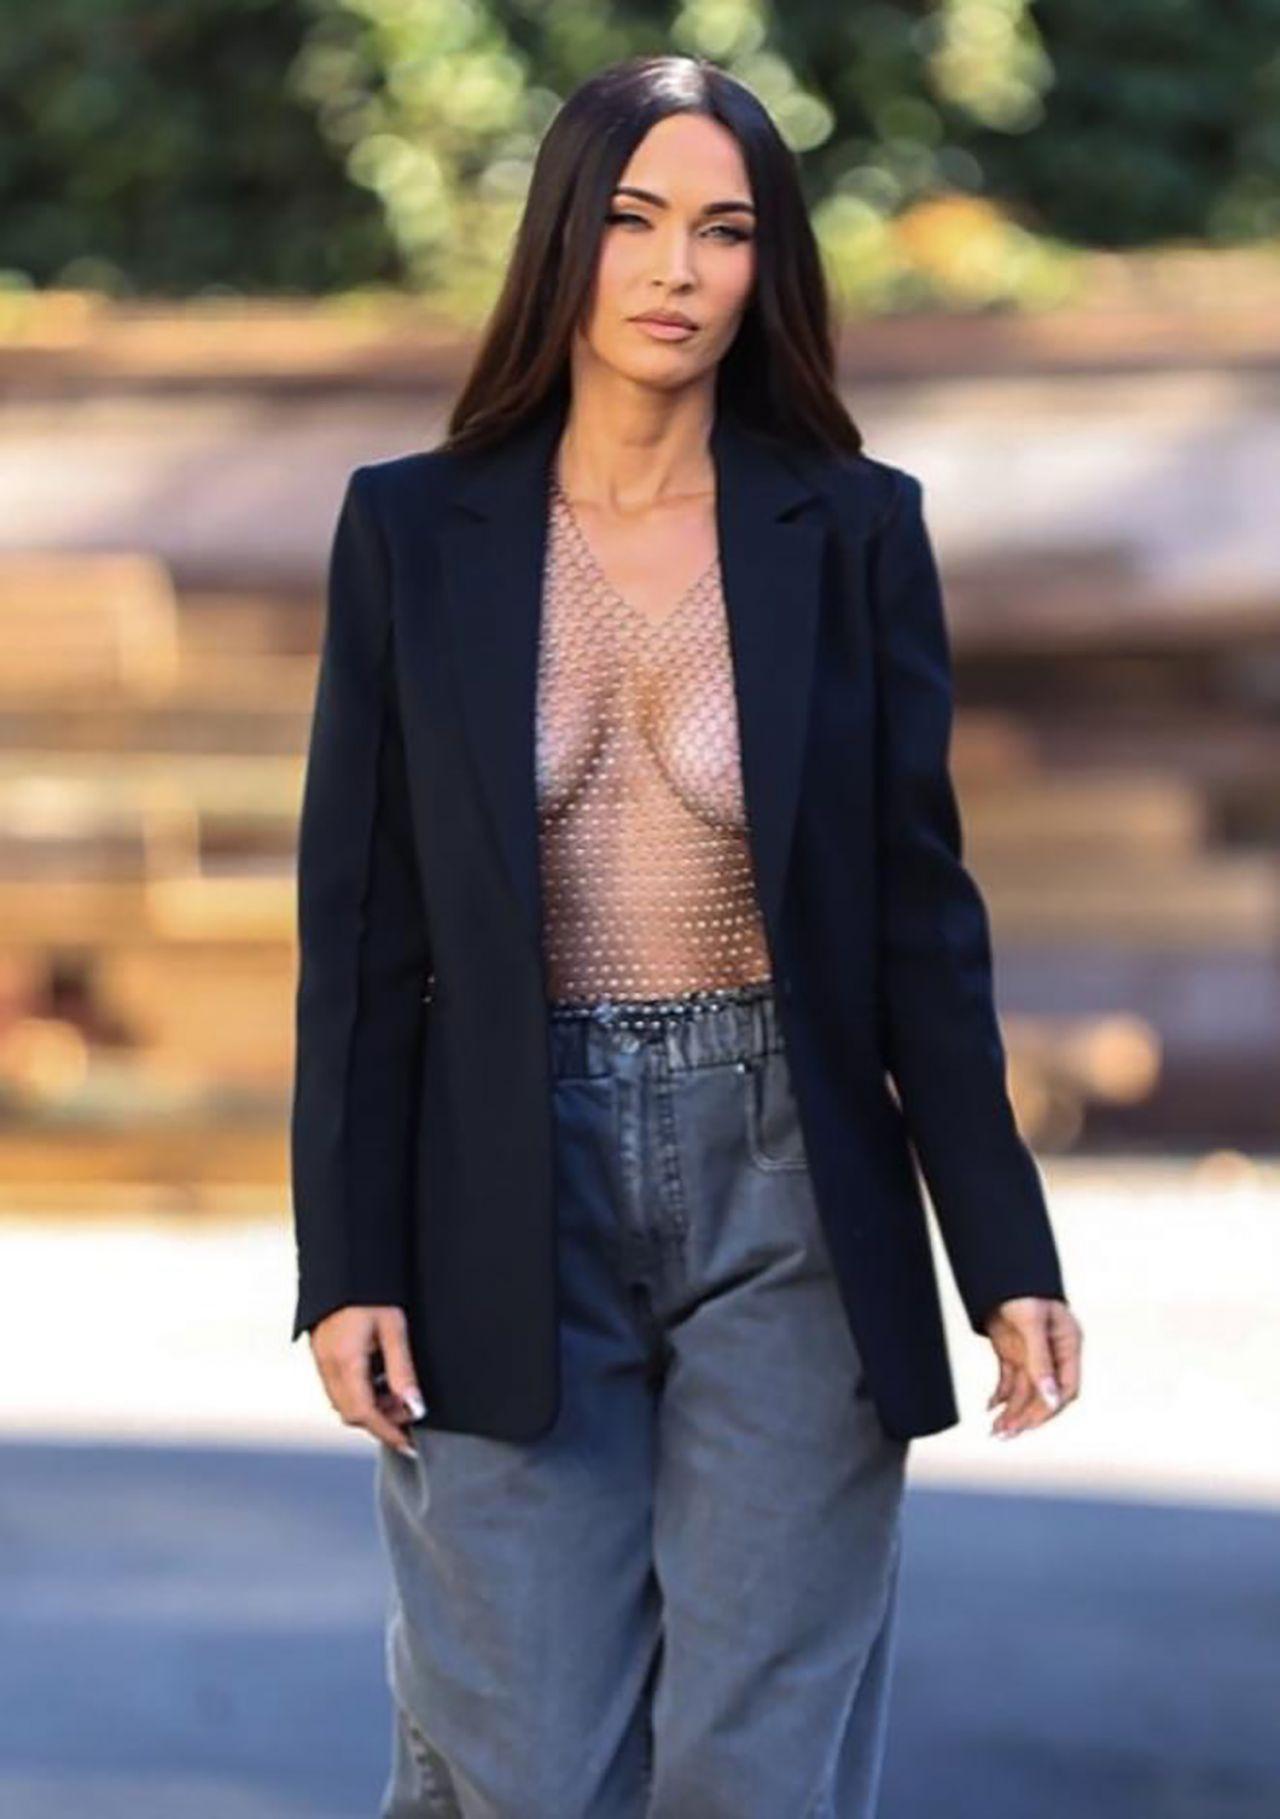 Megan Fox, akıllara durgunluk veren bir kıyafetle sokağa çıktı! - Resim: 4